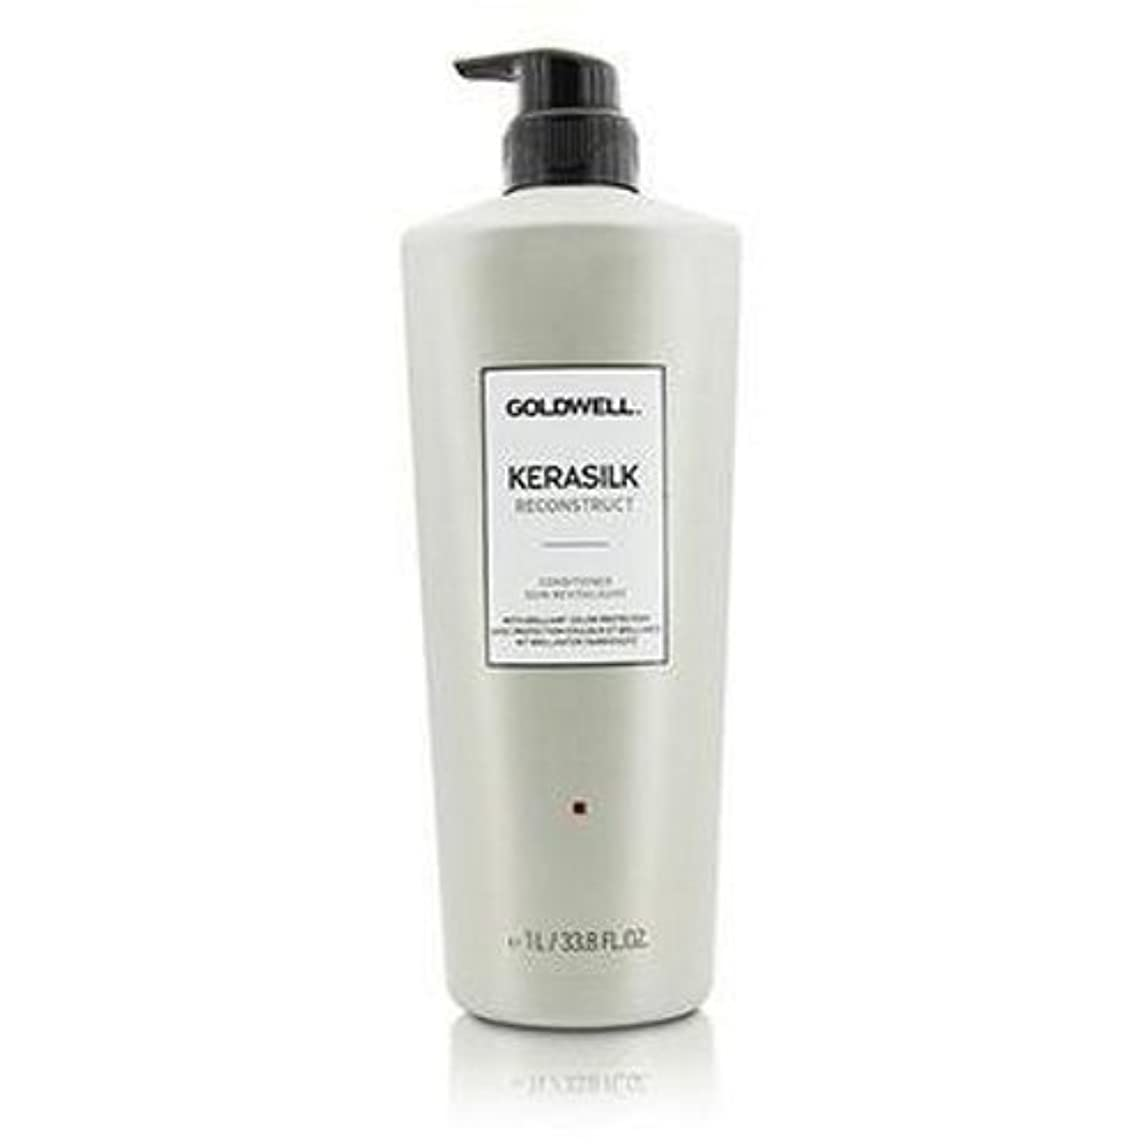 悪用疎外する可塑性ゴールドウェル Kerasilk Reconstruct Conditioner (For Stressed and Damaged Hair) 1000ml